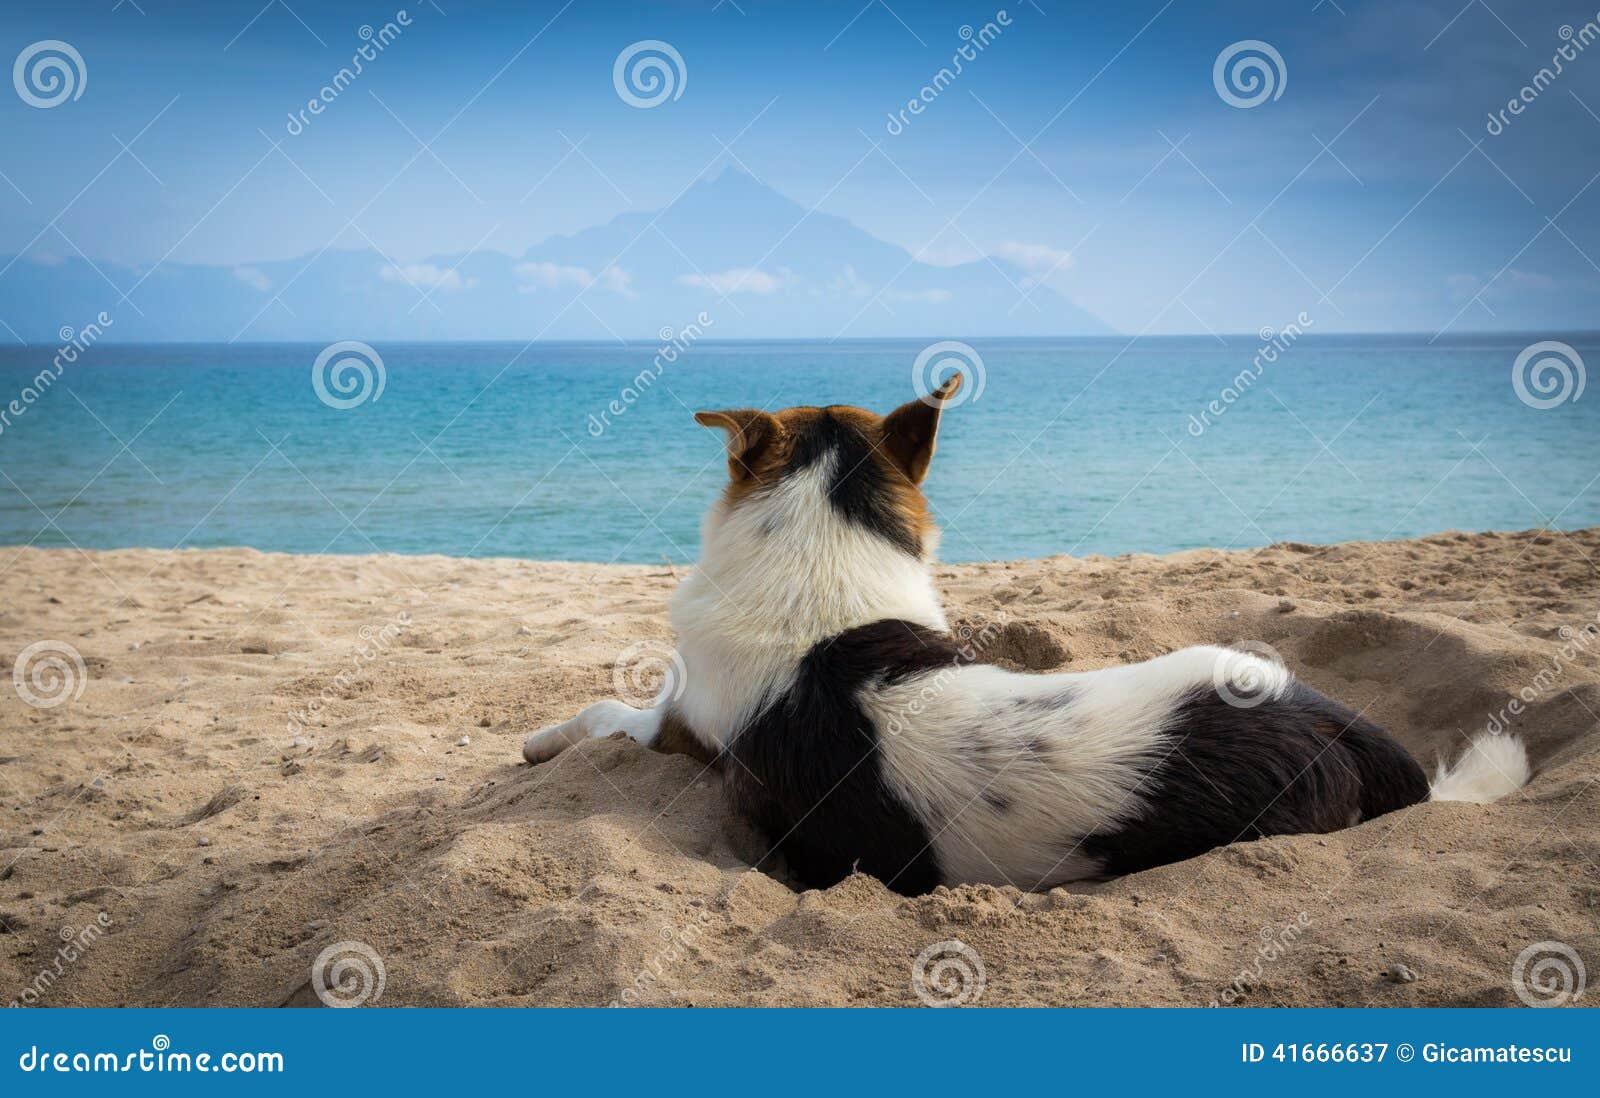 Hund i sand